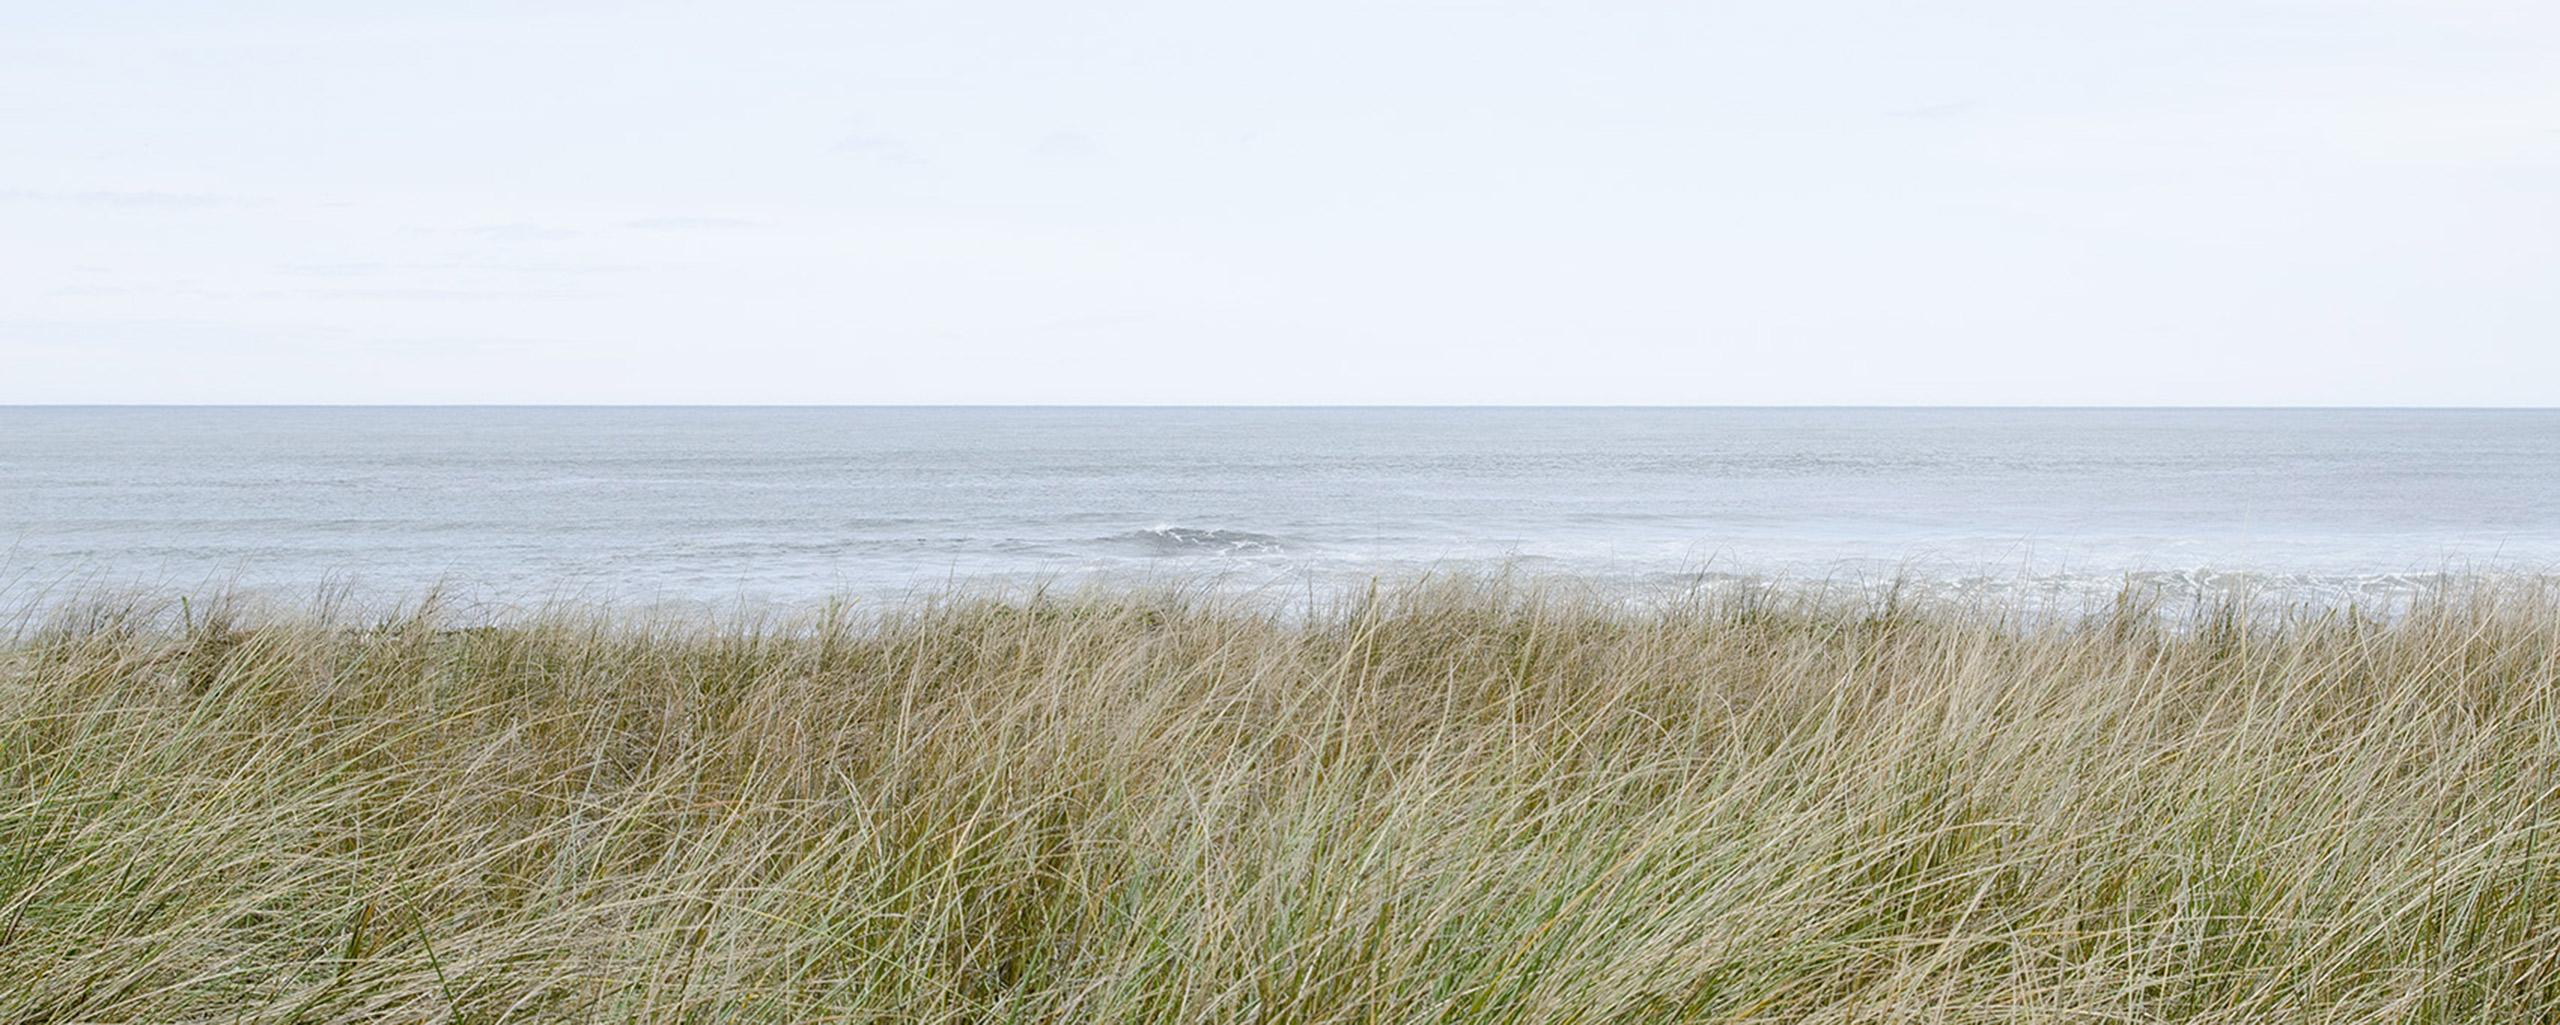 Revegetación mediante plantación en duna de playa